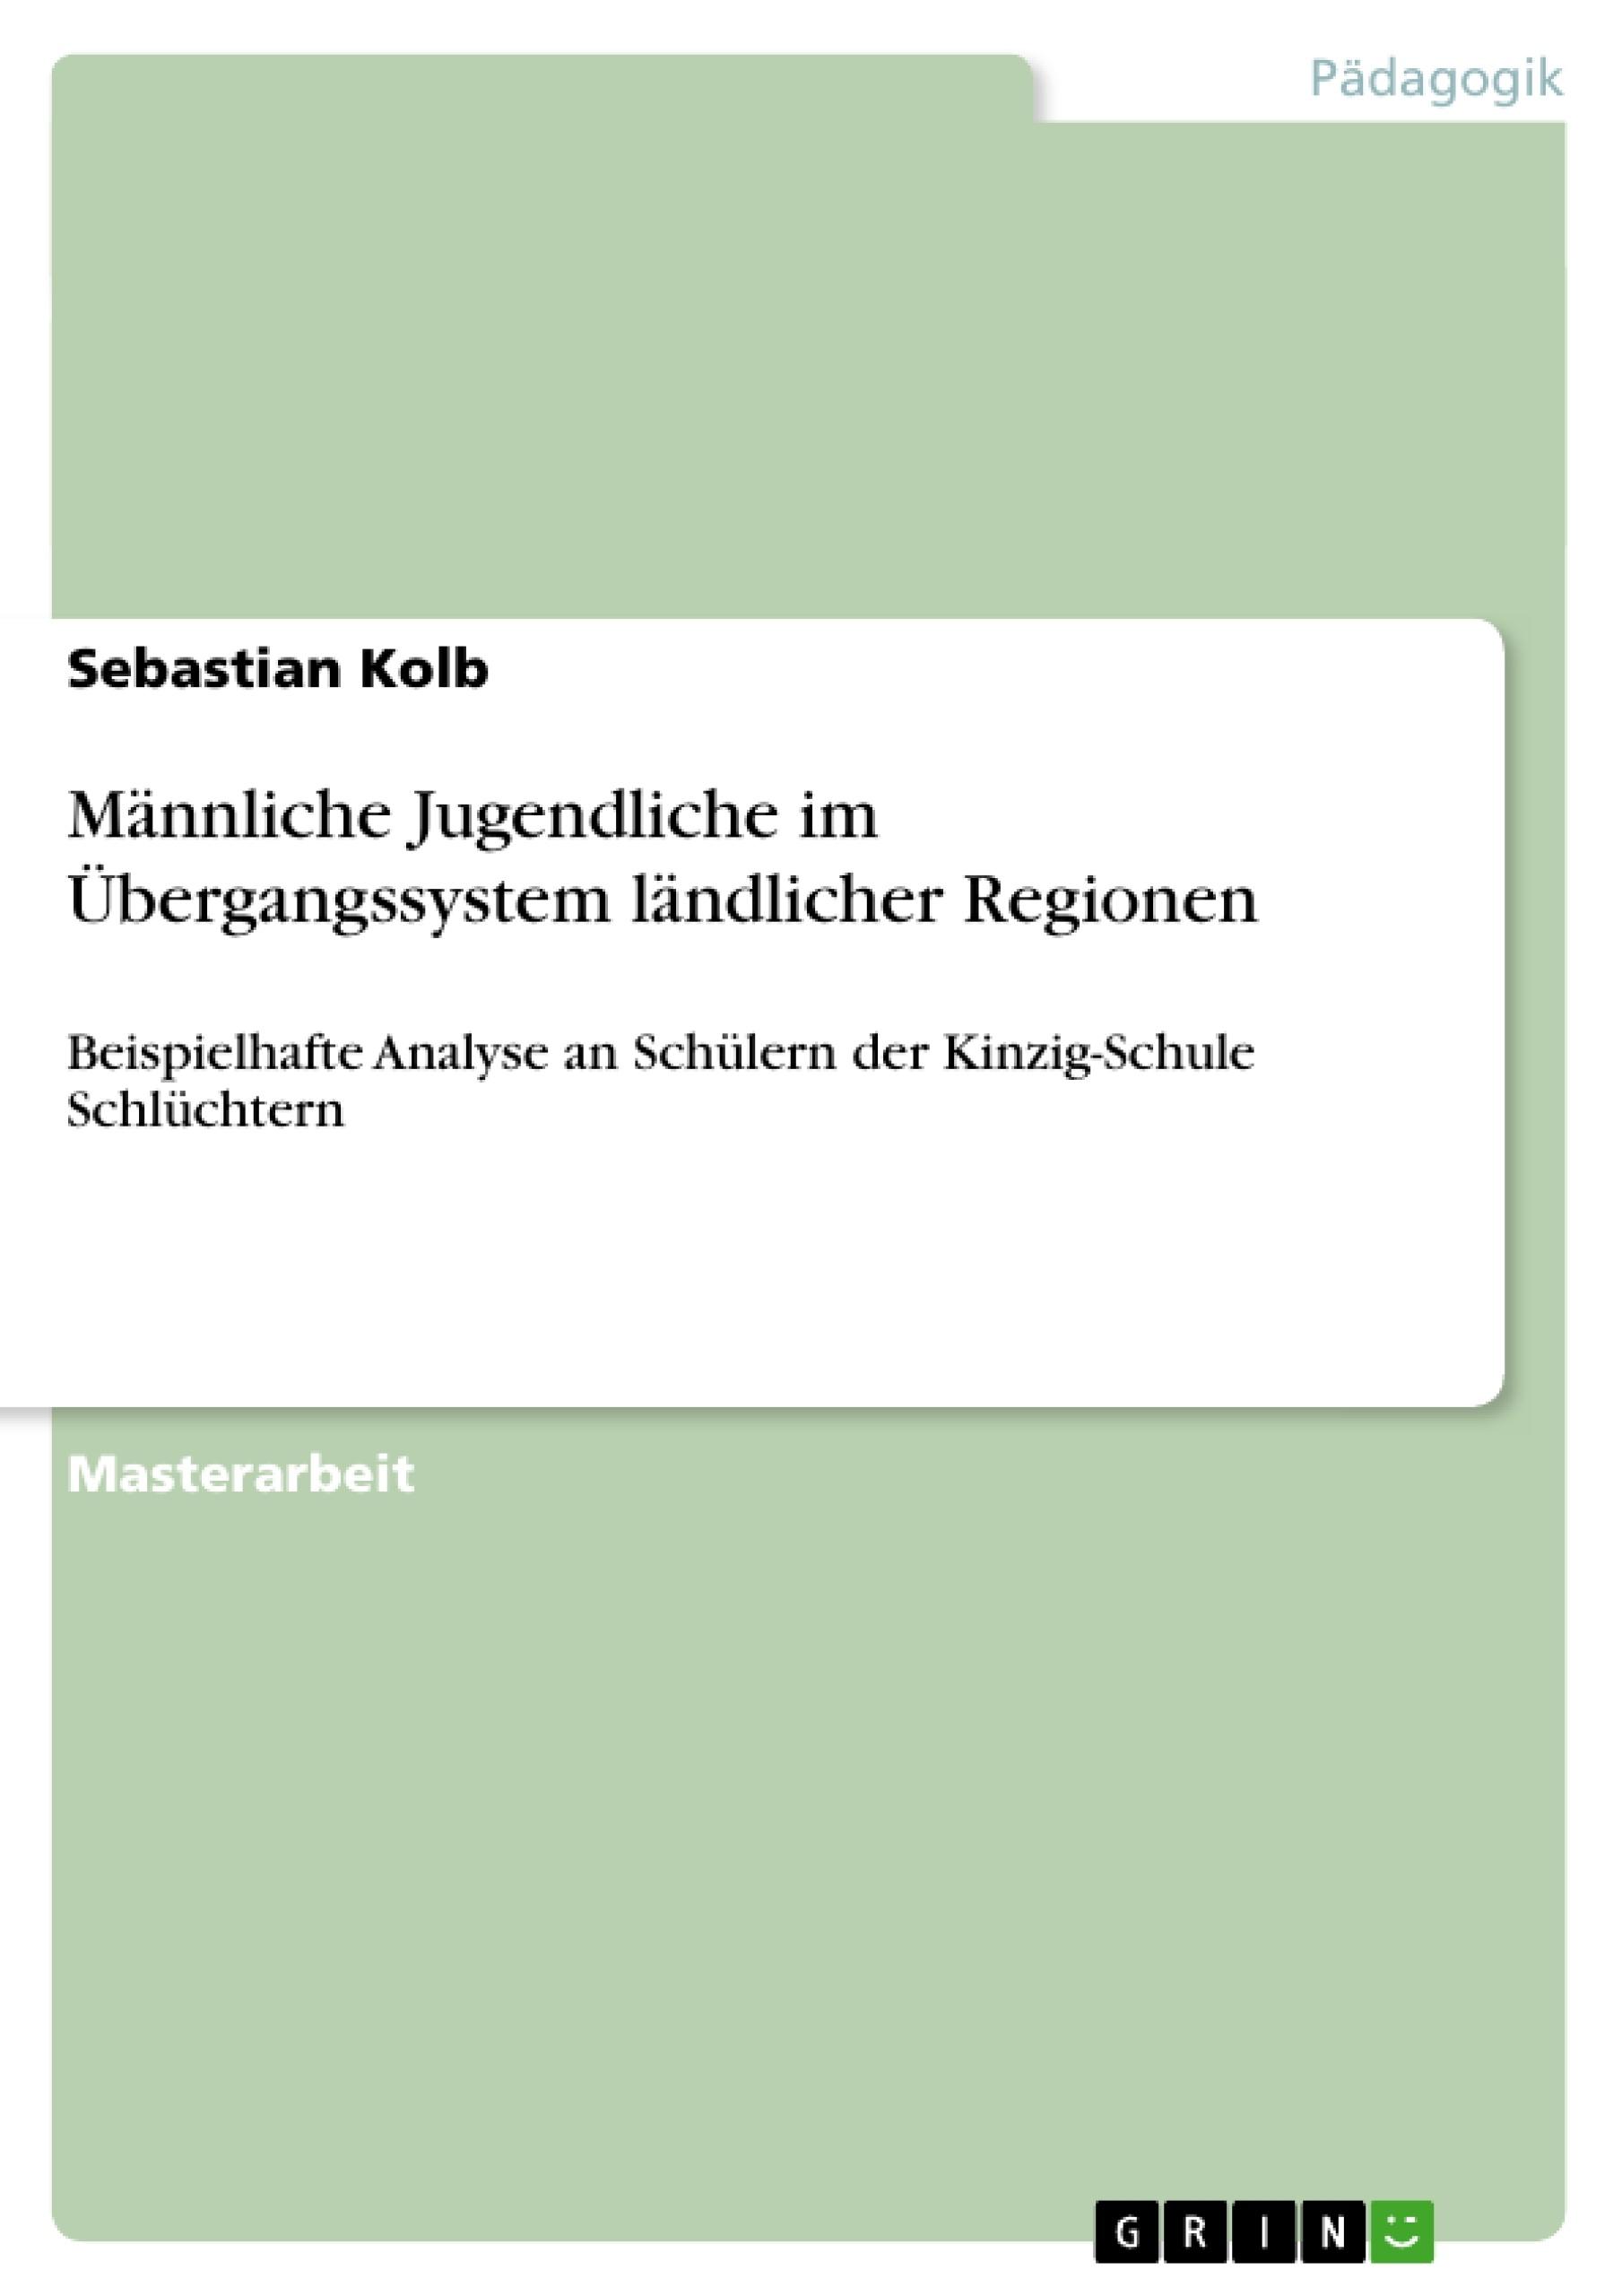 Titel: Männliche Jugendliche im Übergangssystem ländlicher Regionen